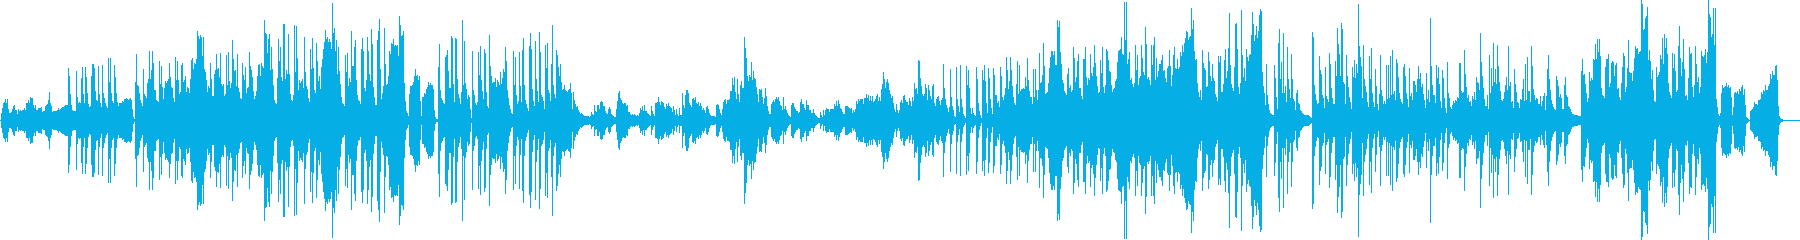 ピアニストを伴う古典的なオーケスト...の再生済みの波形